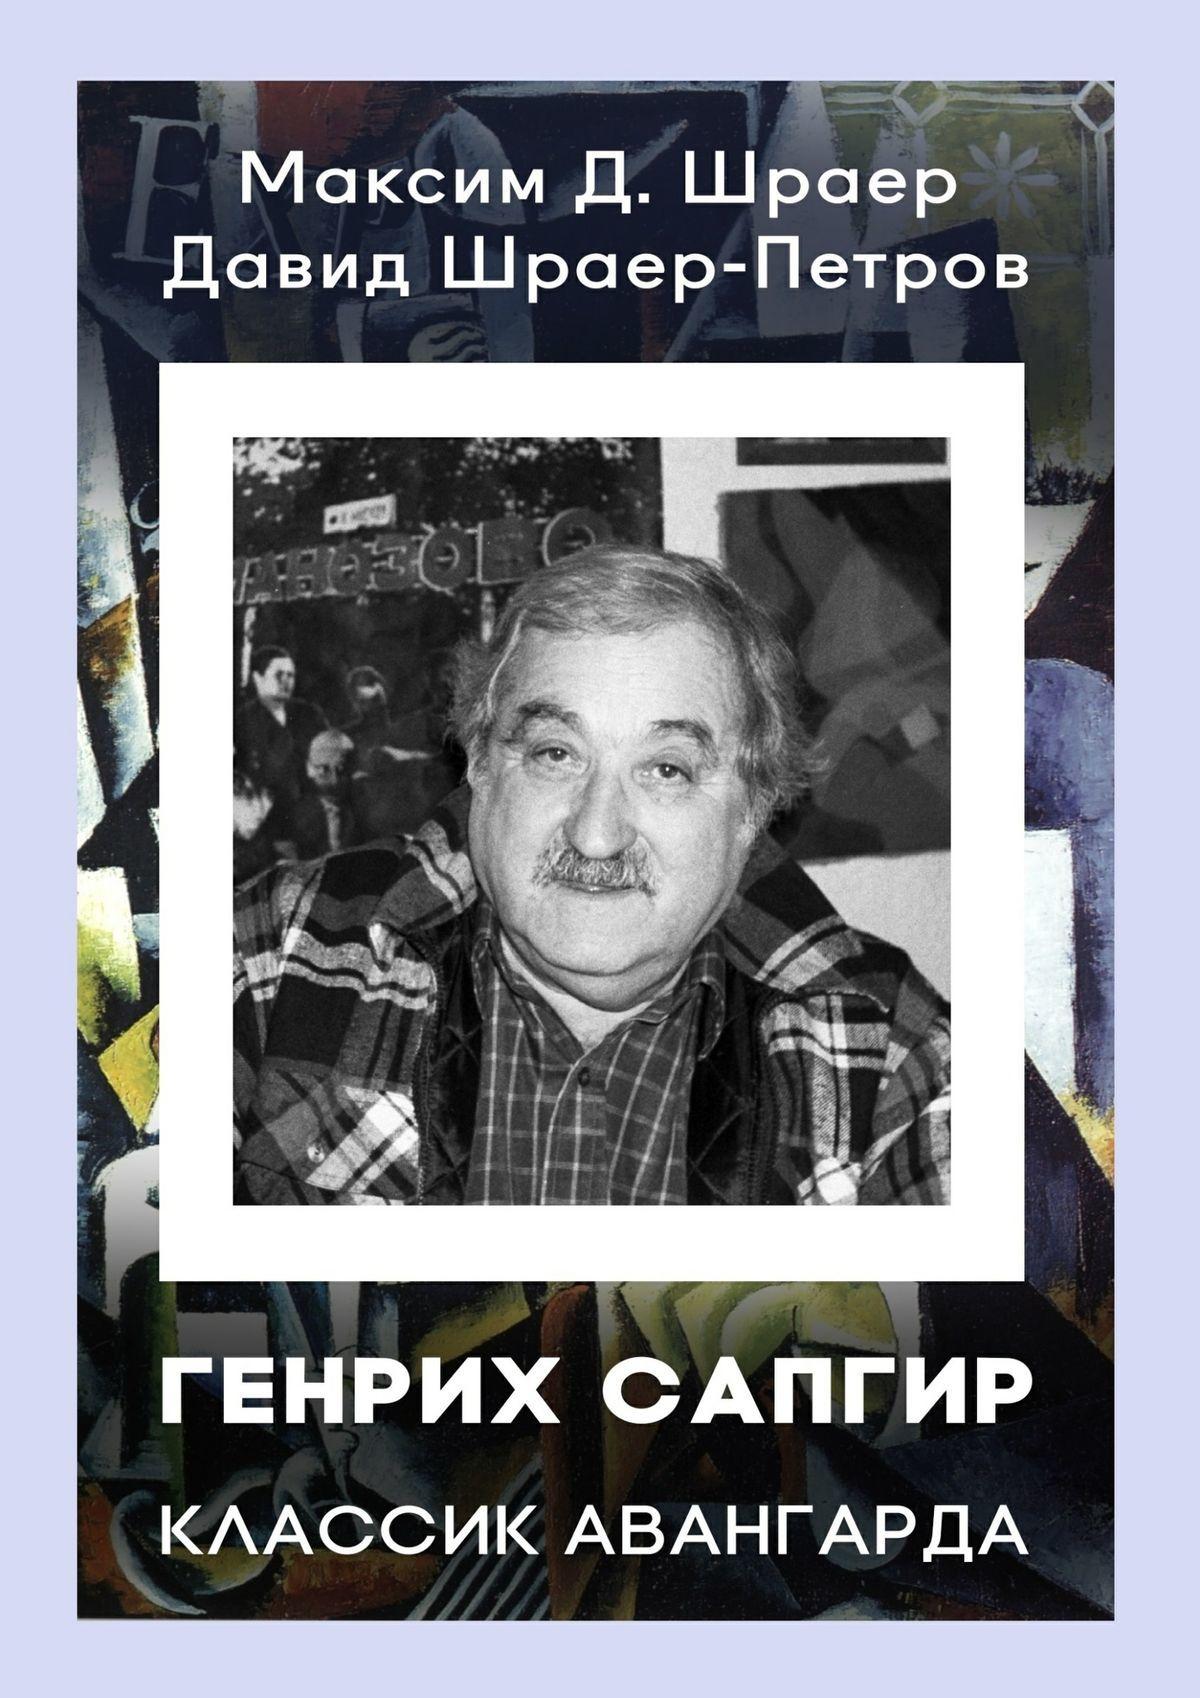 Максим Шраер ГЕНРИХ САПГИР классикавангарда. 3-еиздание, исправленное детство лидера